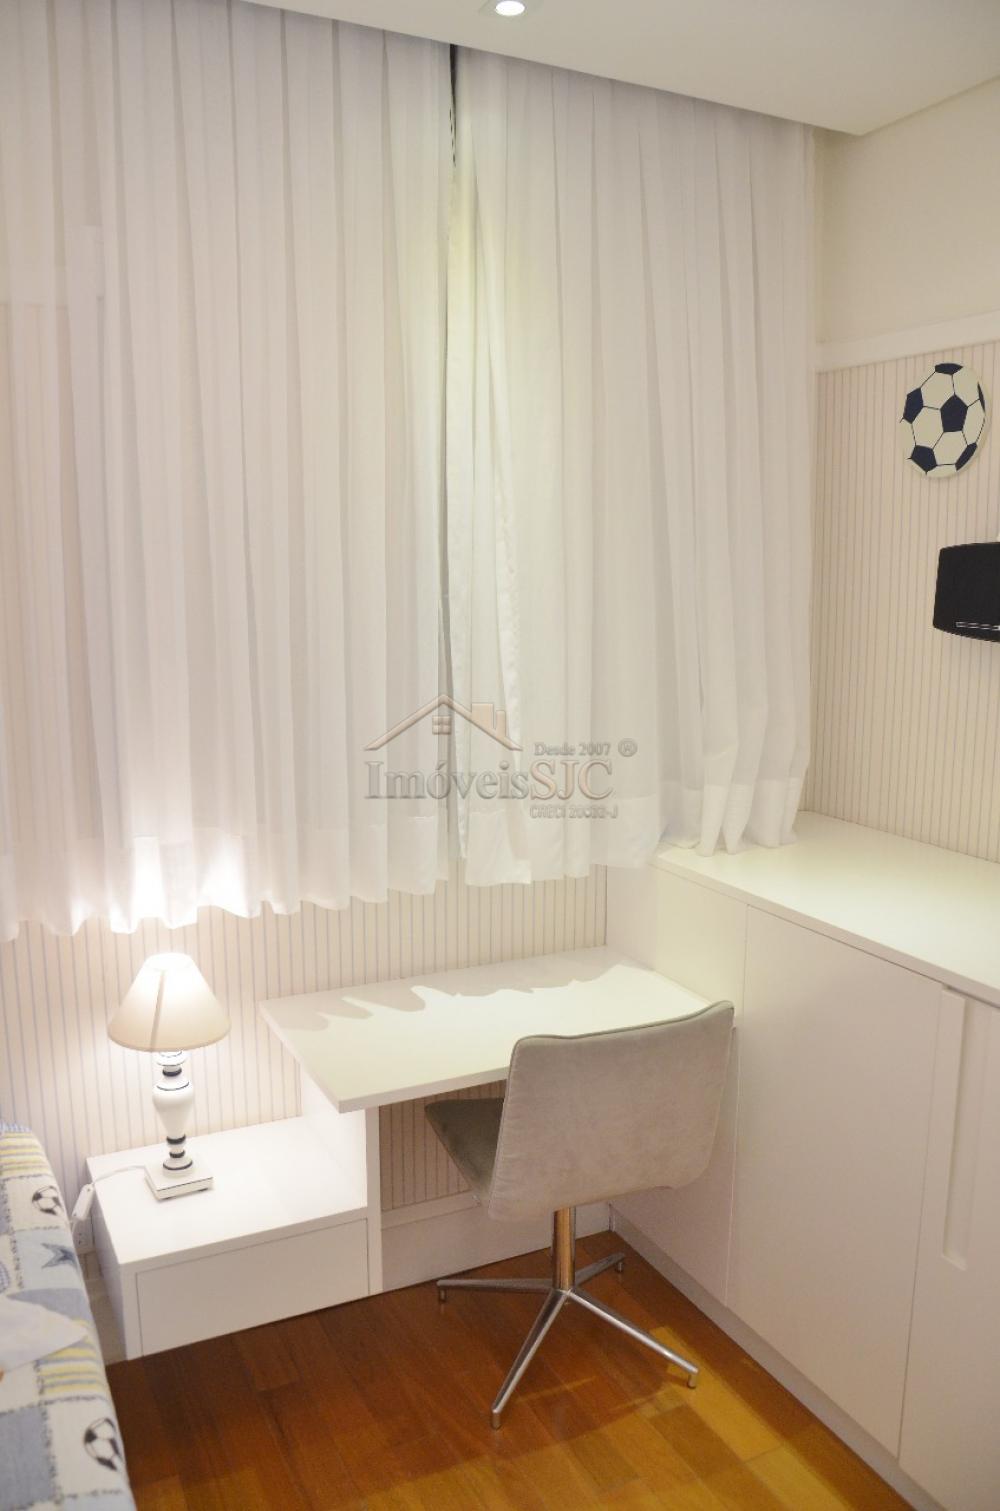 Comprar Apartamentos / Padrão em São José dos Campos apenas R$ 890.000,00 - Foto 16